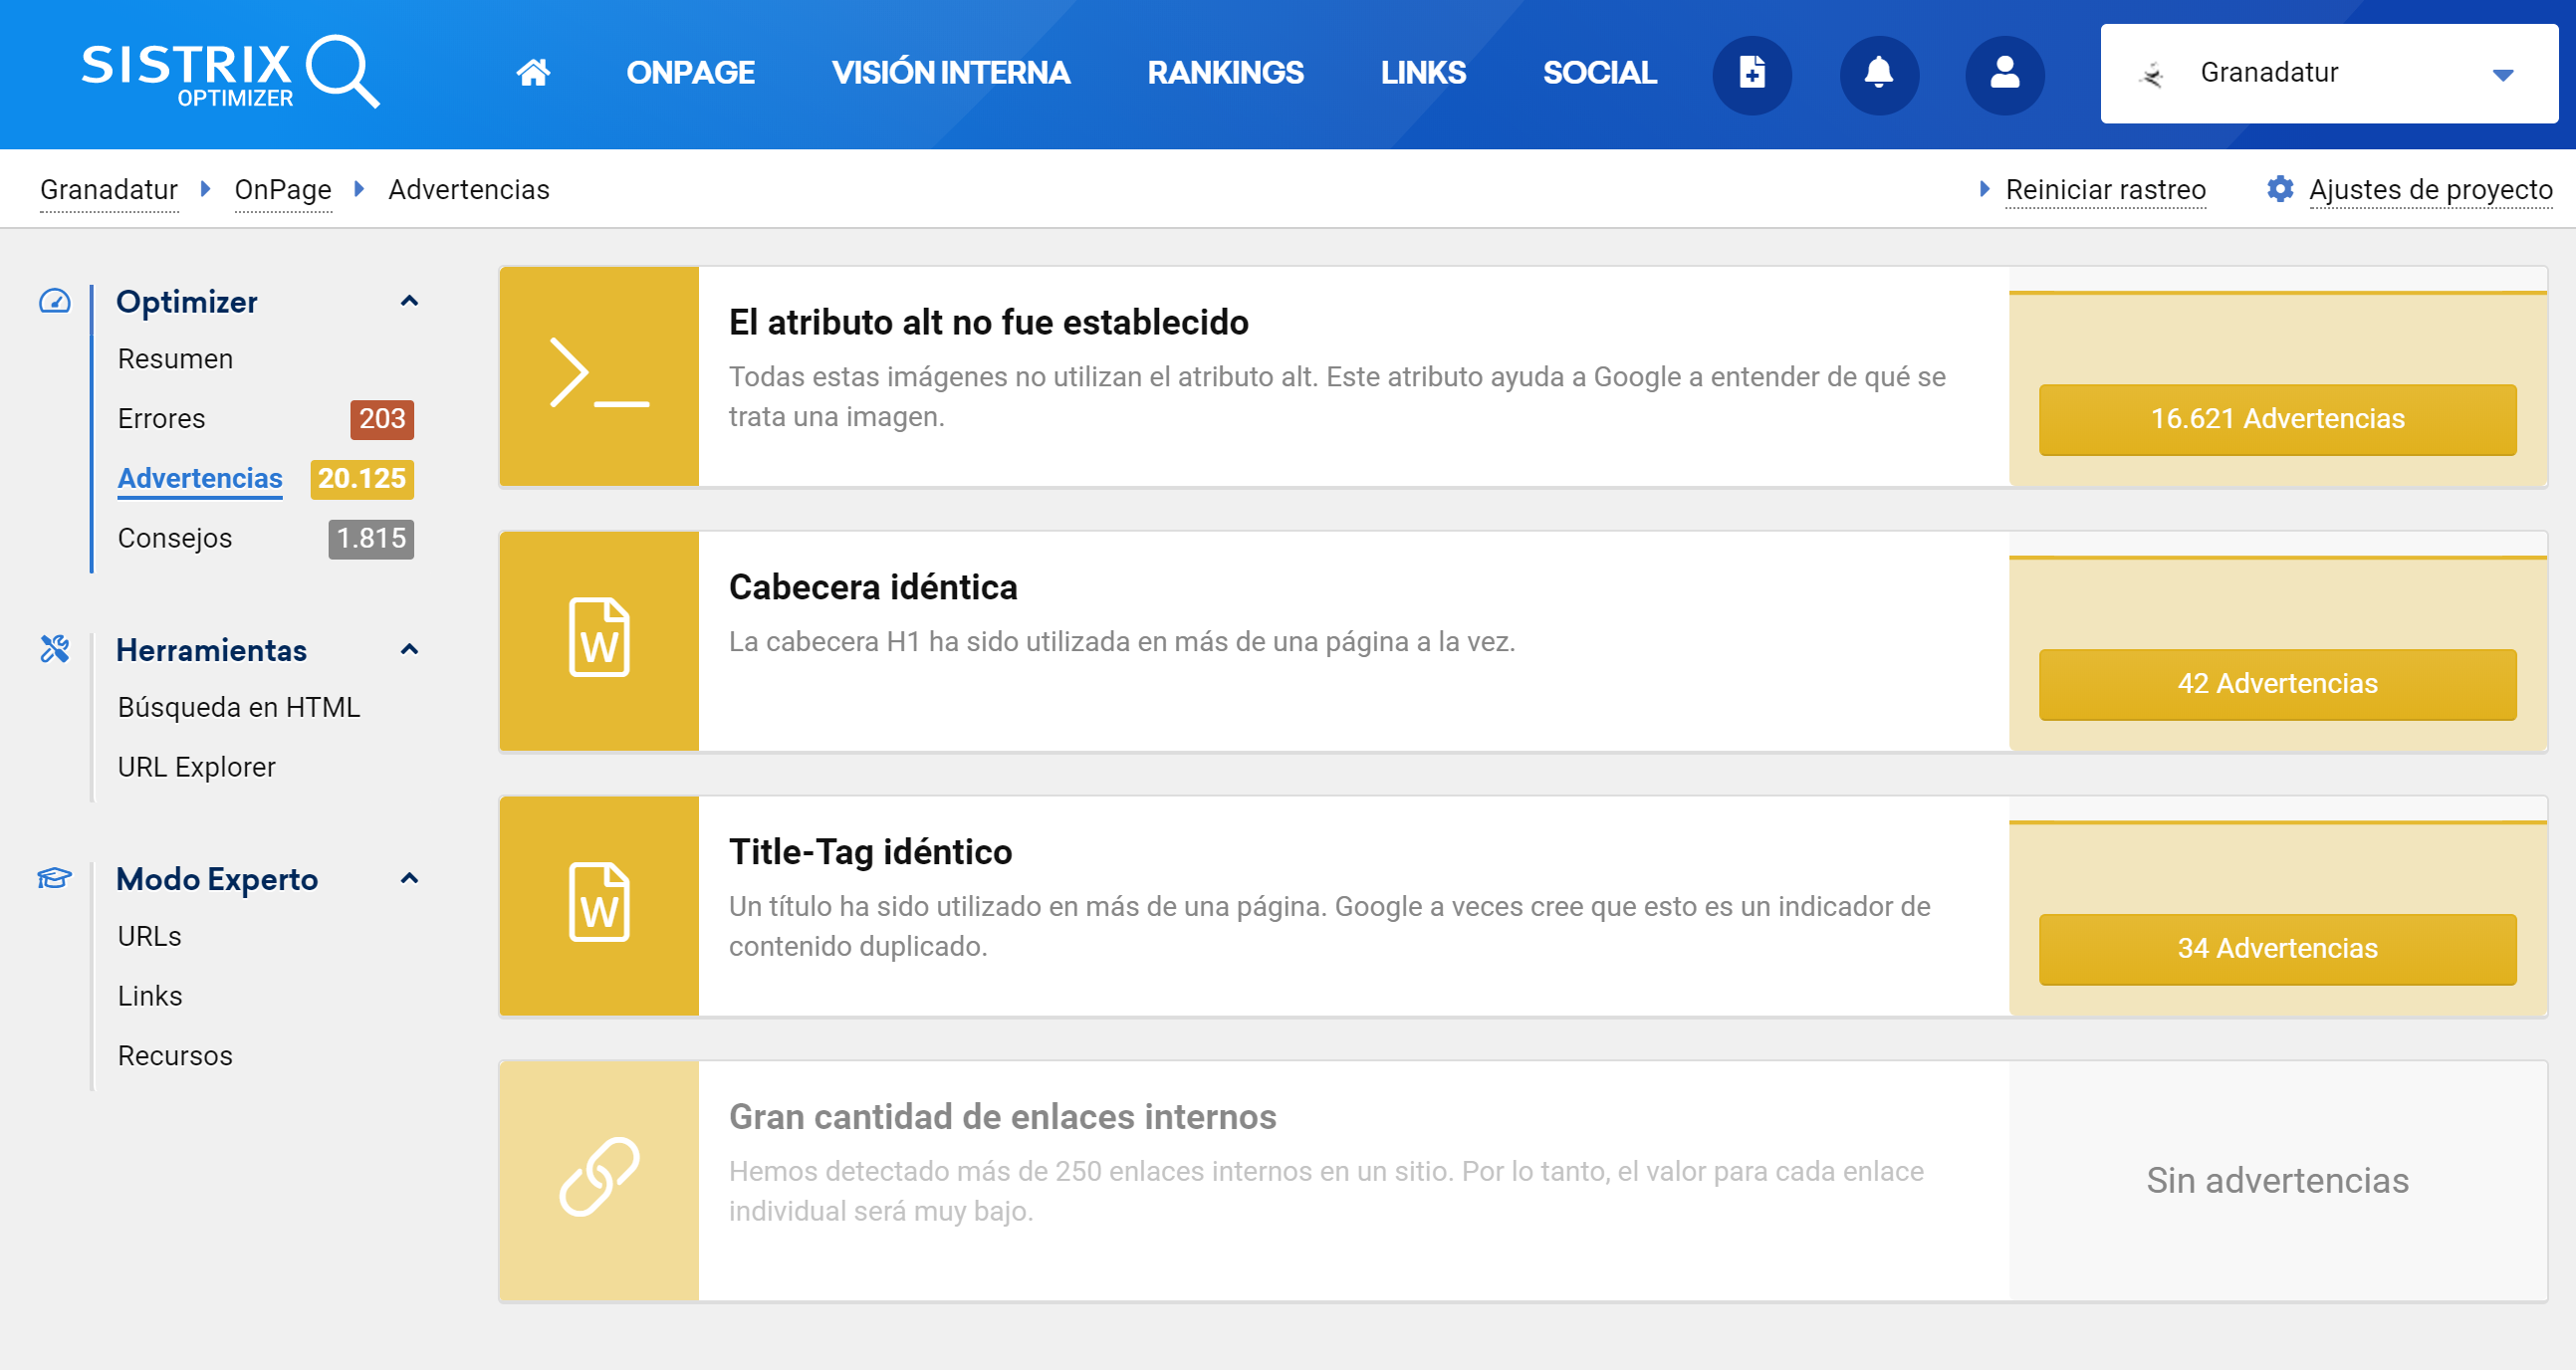 Ejemplo sobre el análsis OnPage detallado de la herramienta SEO SISTRIX